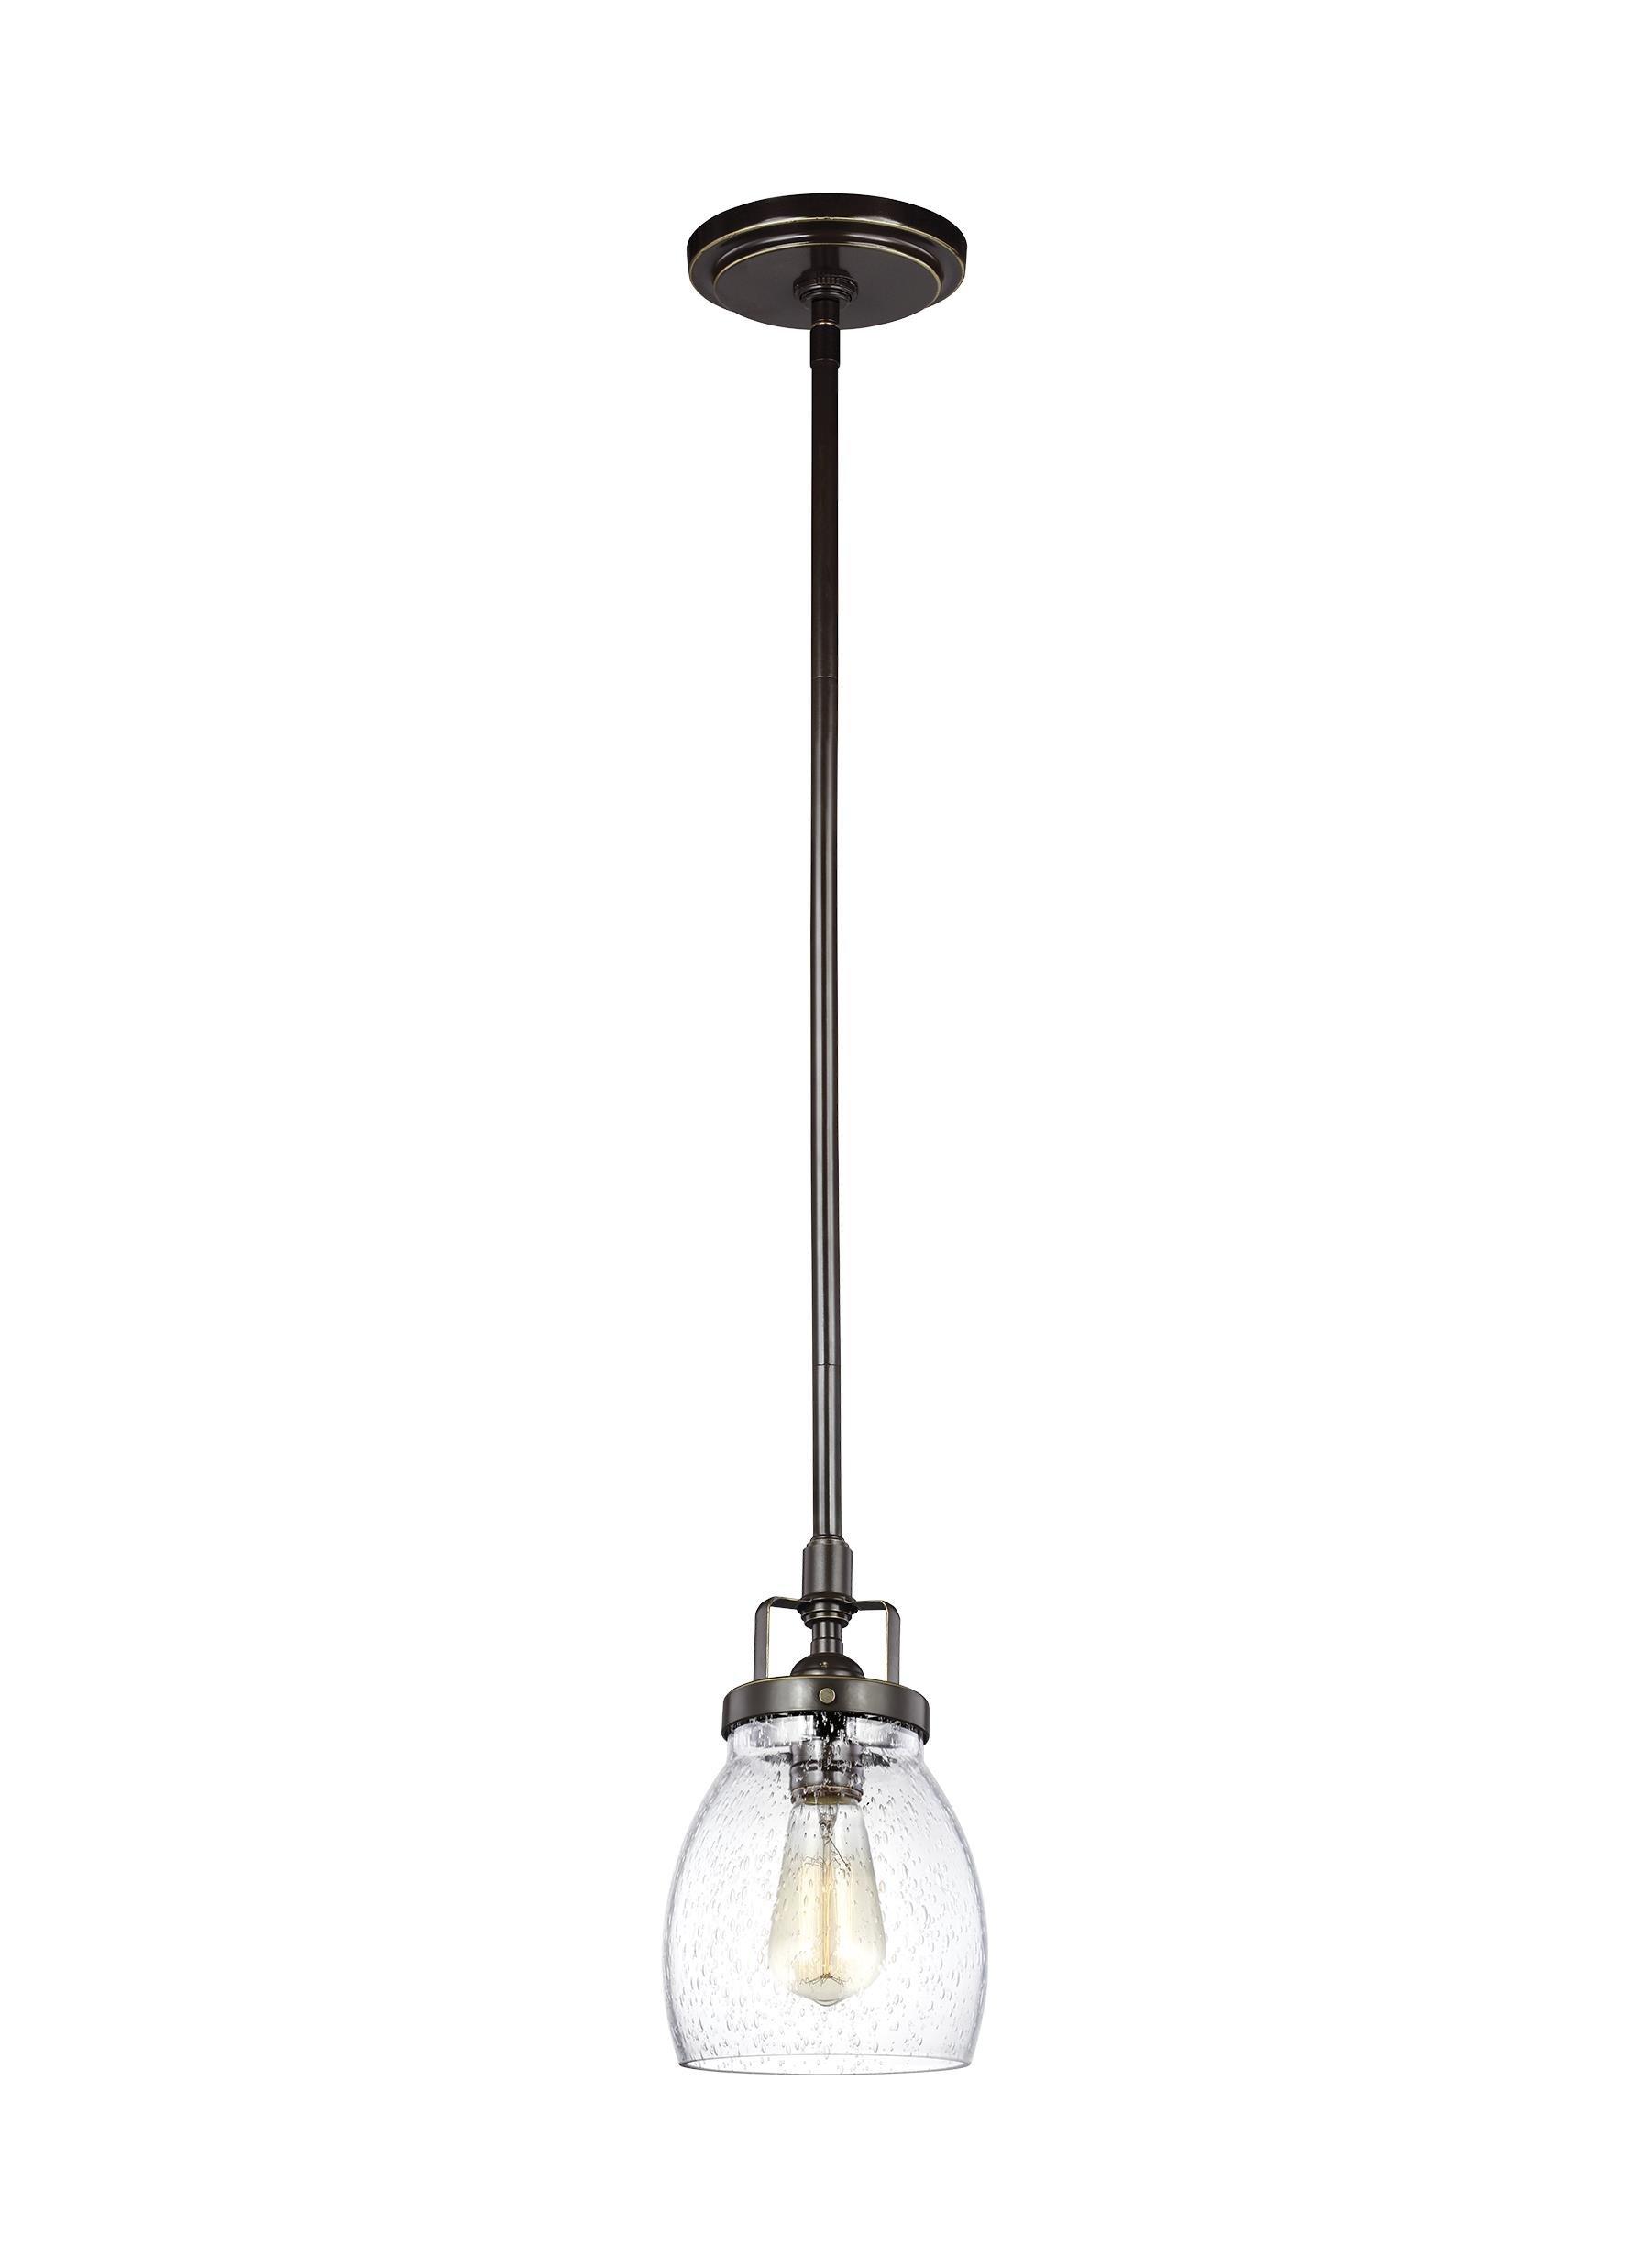 Houon Heirloom Bronze 1 Light Cone Bell Pendant Throughout Houon 1 Light Cone Bell Pendants (View 3 of 30)